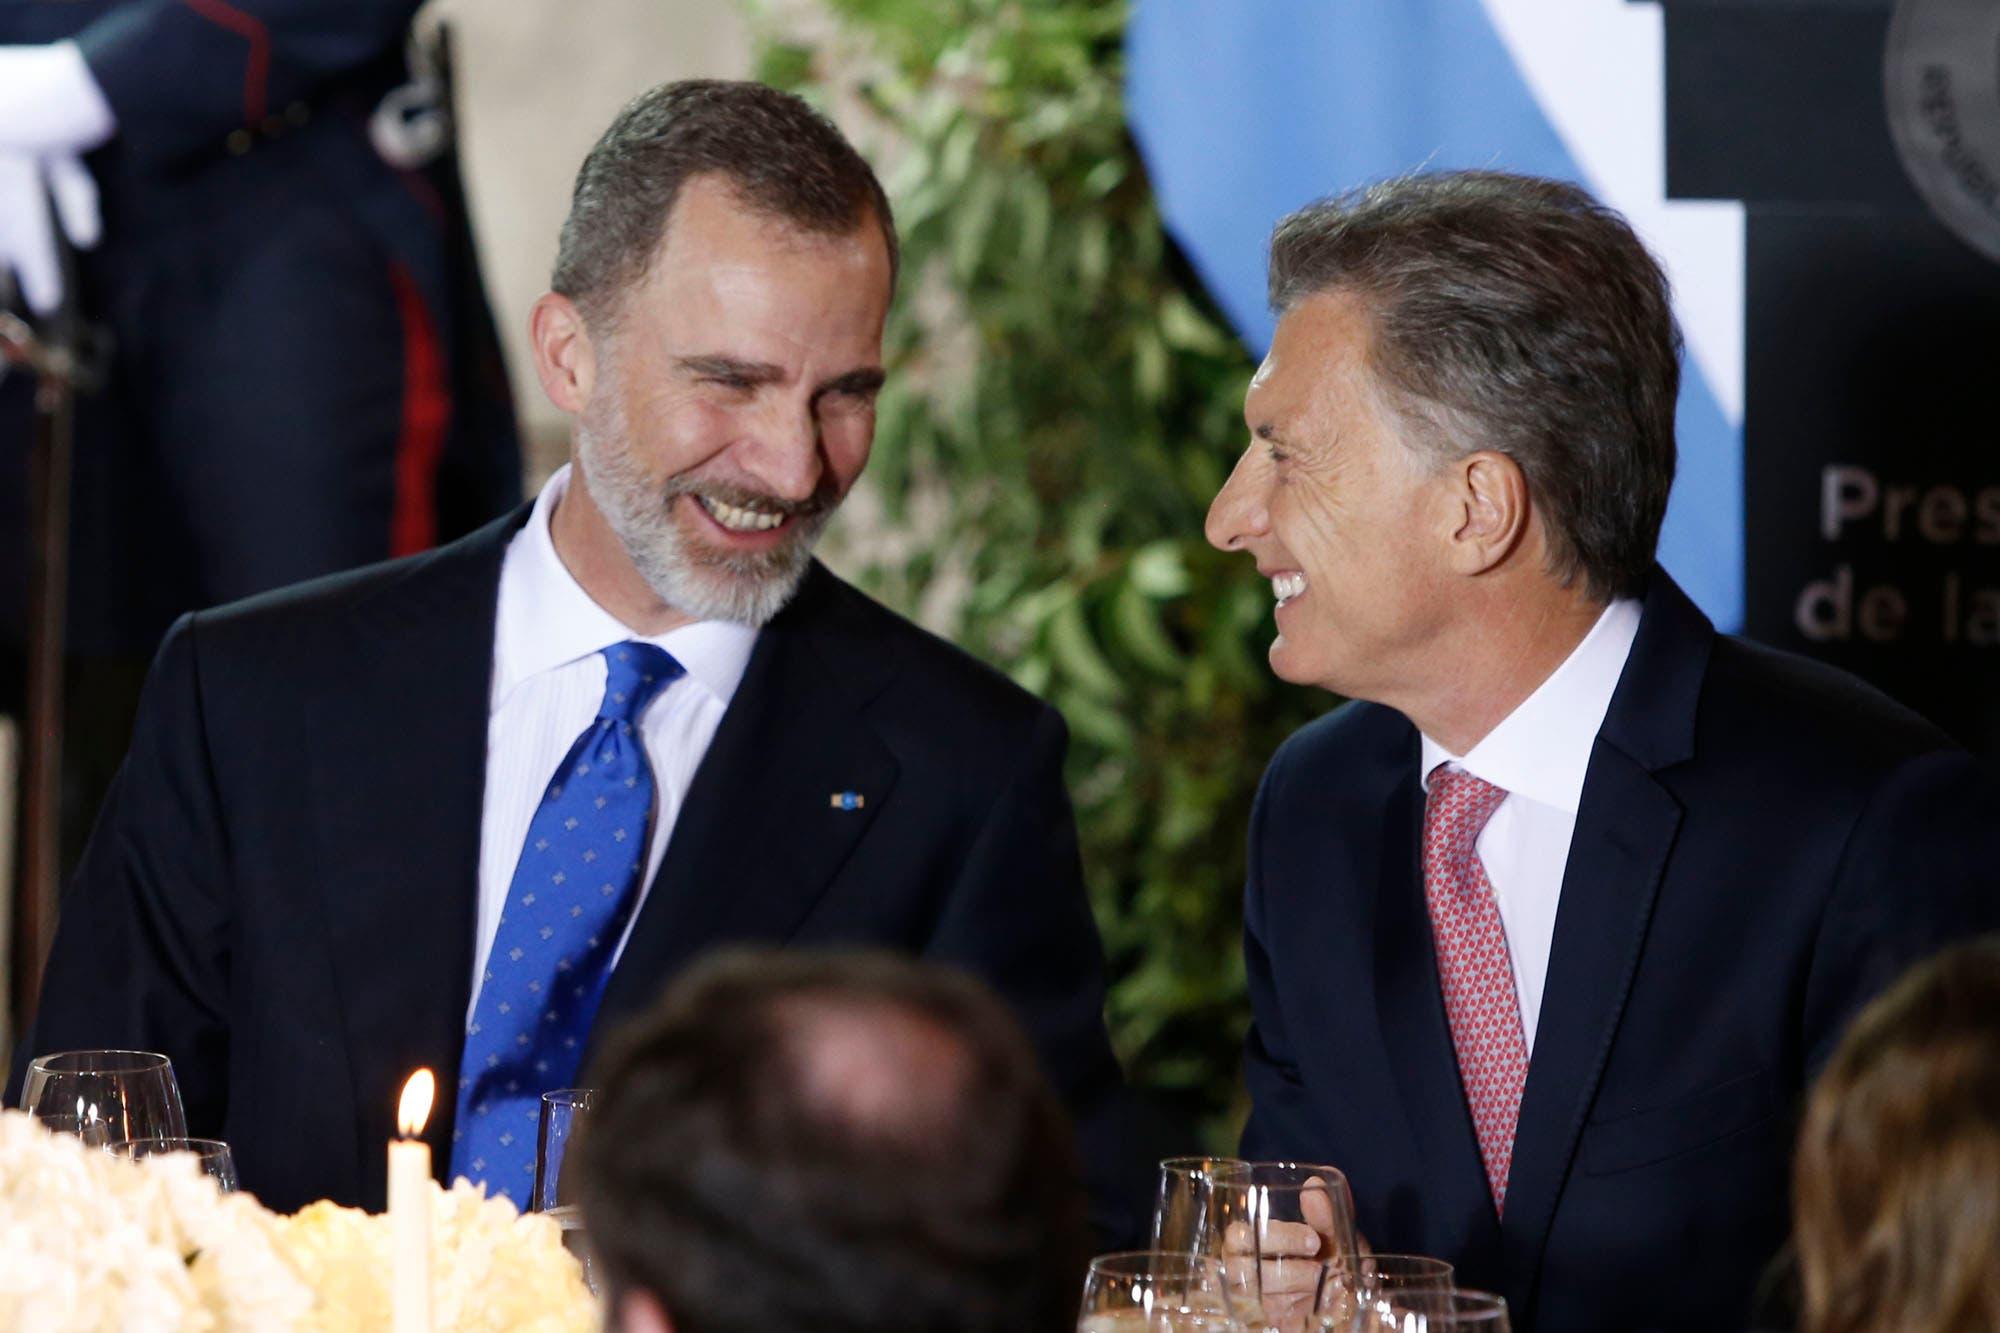 Arrancó la comida de gala en honor a los reyes de España Felipe VI y Letizia